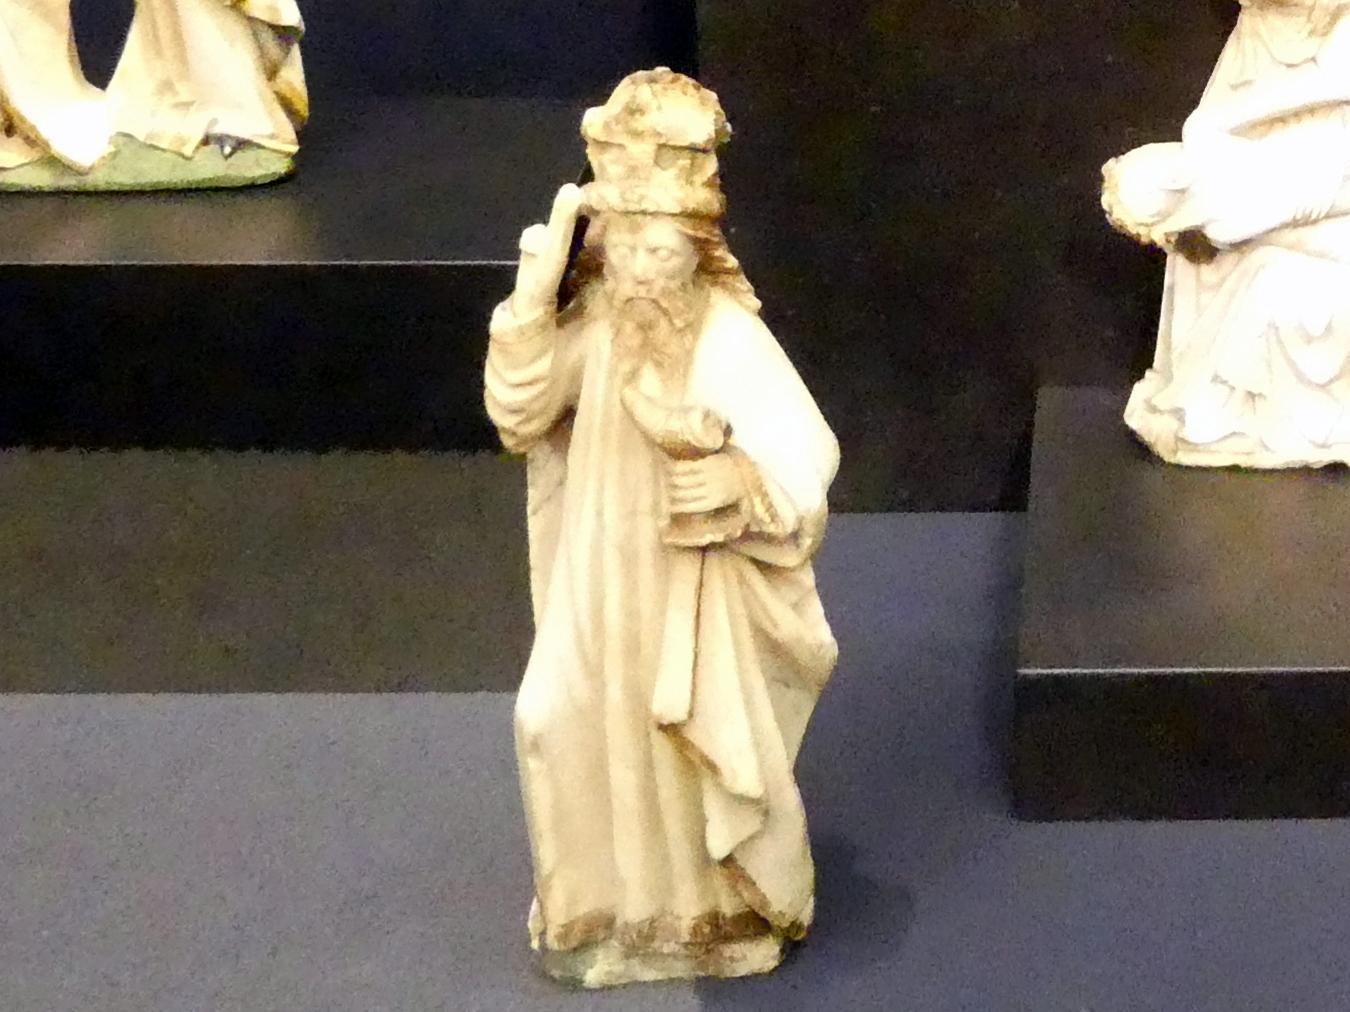 Heiliger König einer Anbetung, Um 1450 - 1460